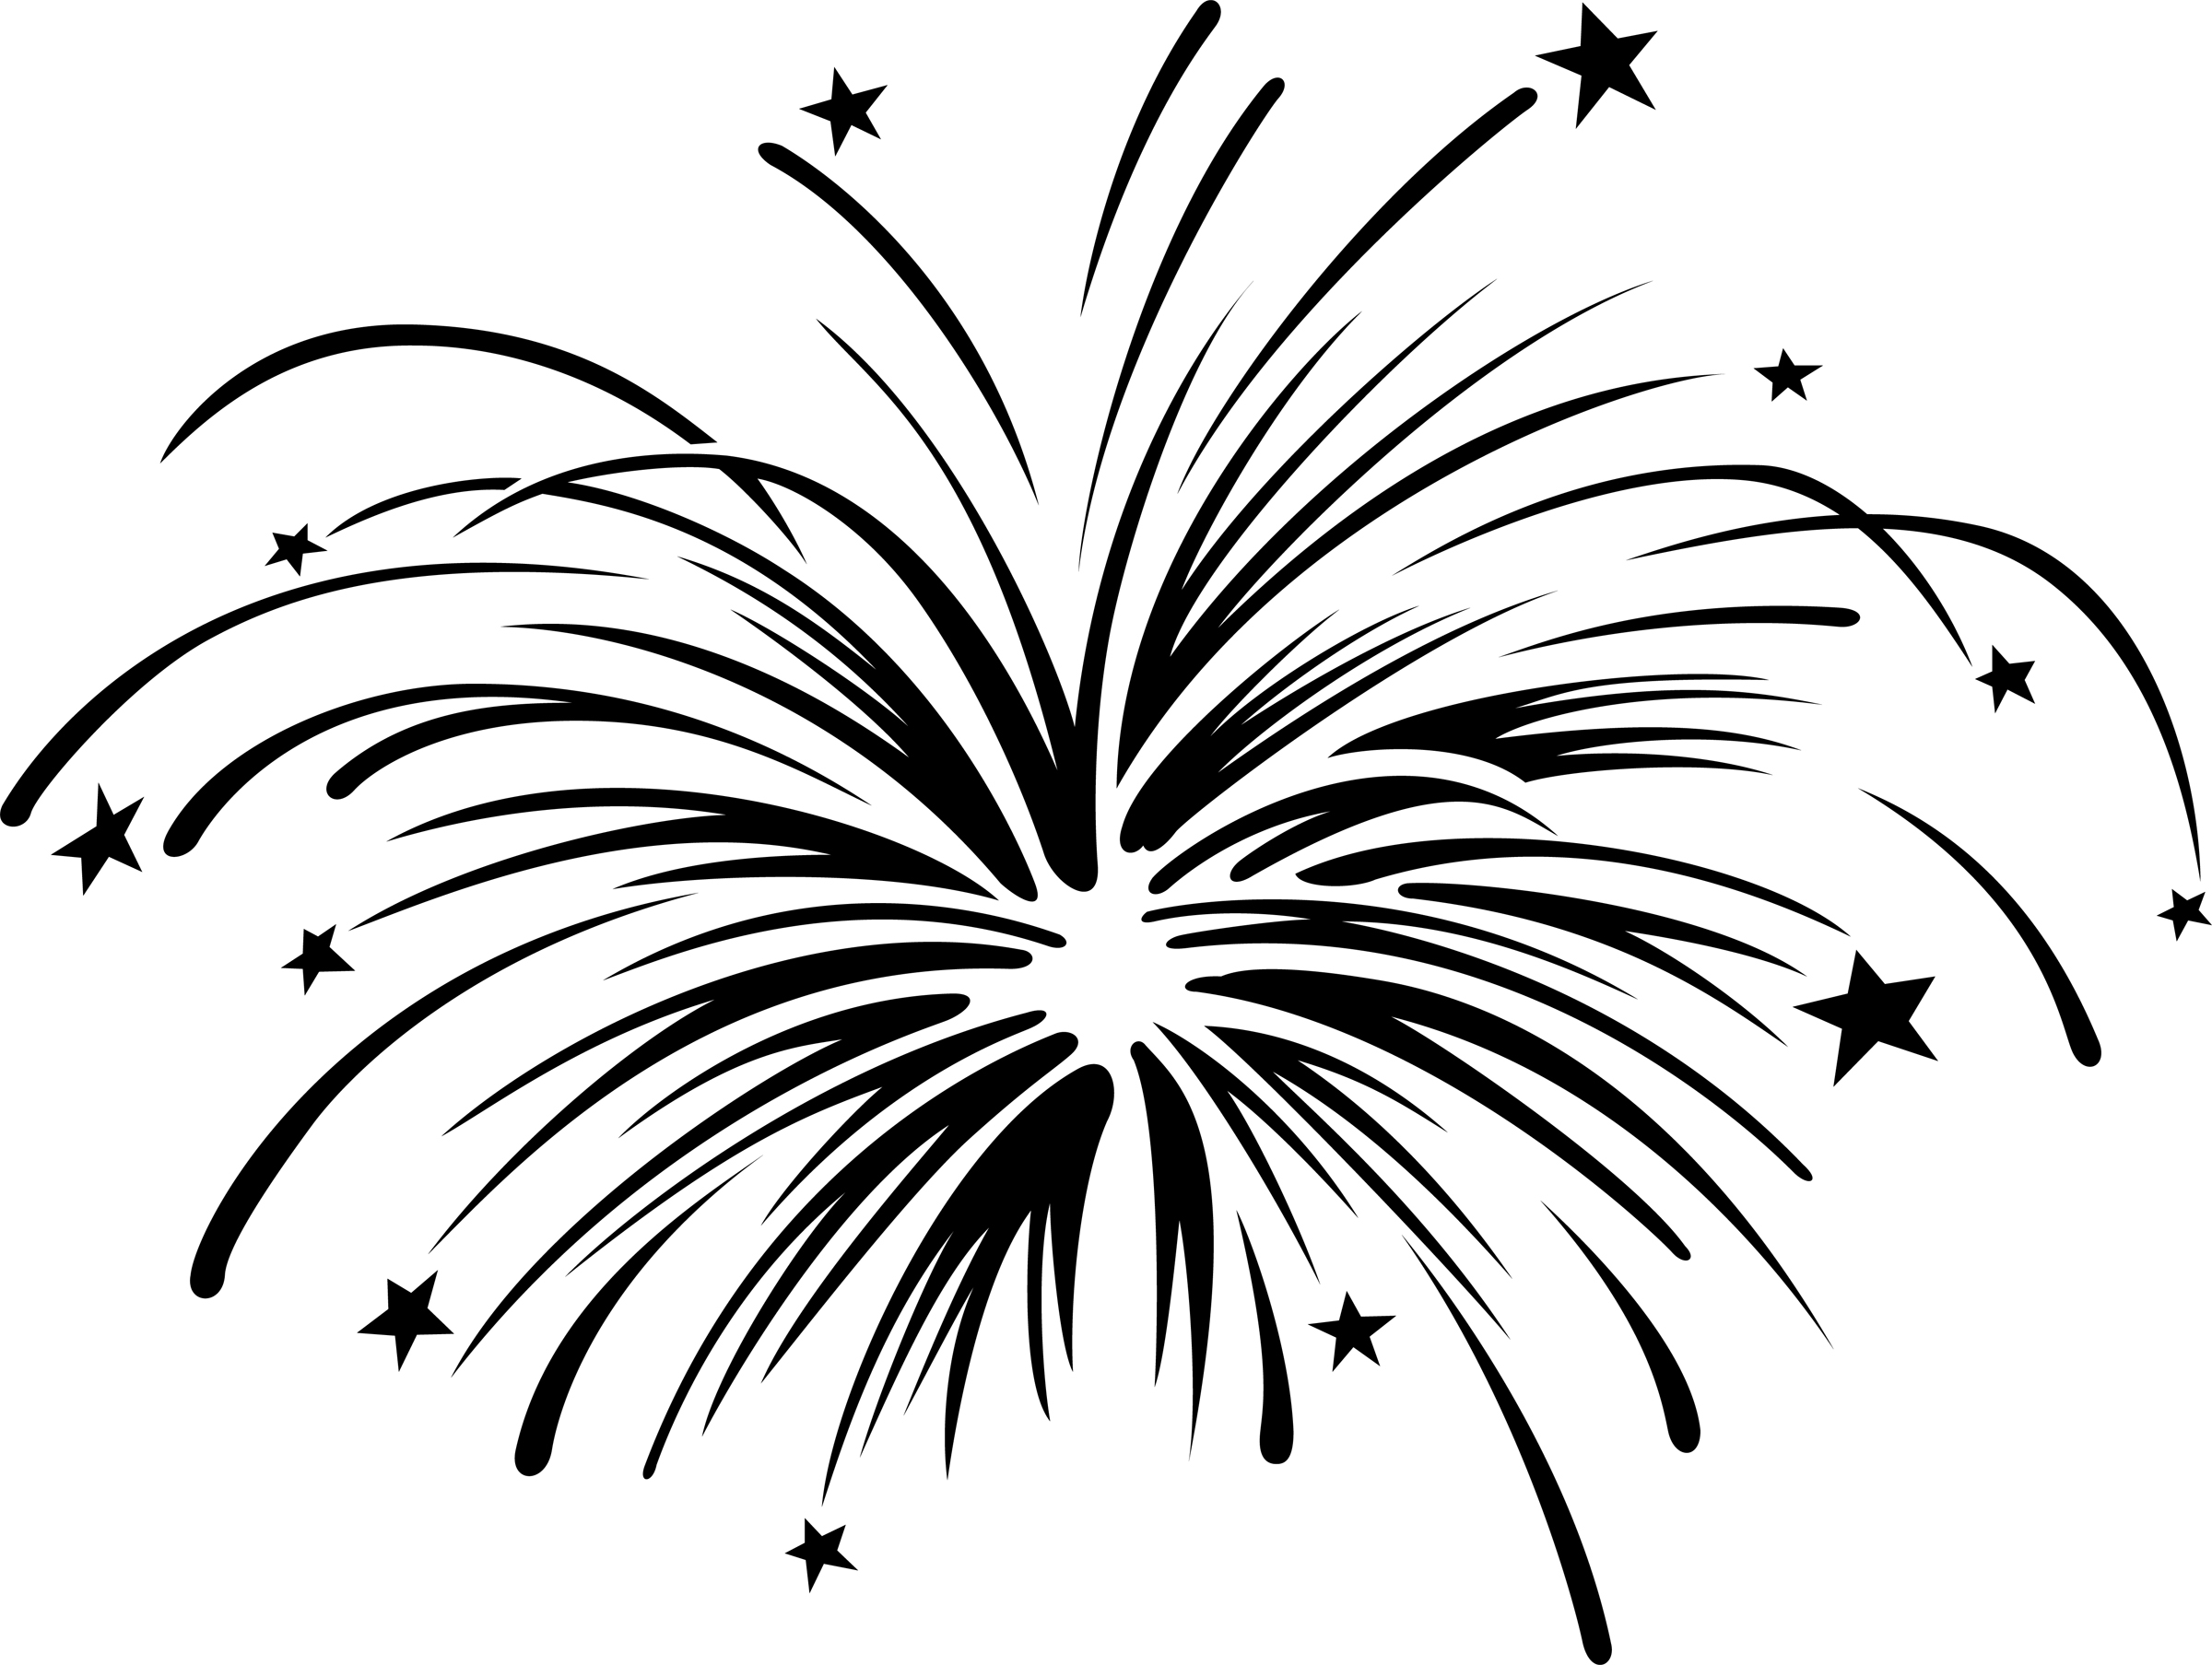 Fireworks Border Black And White Clipart.